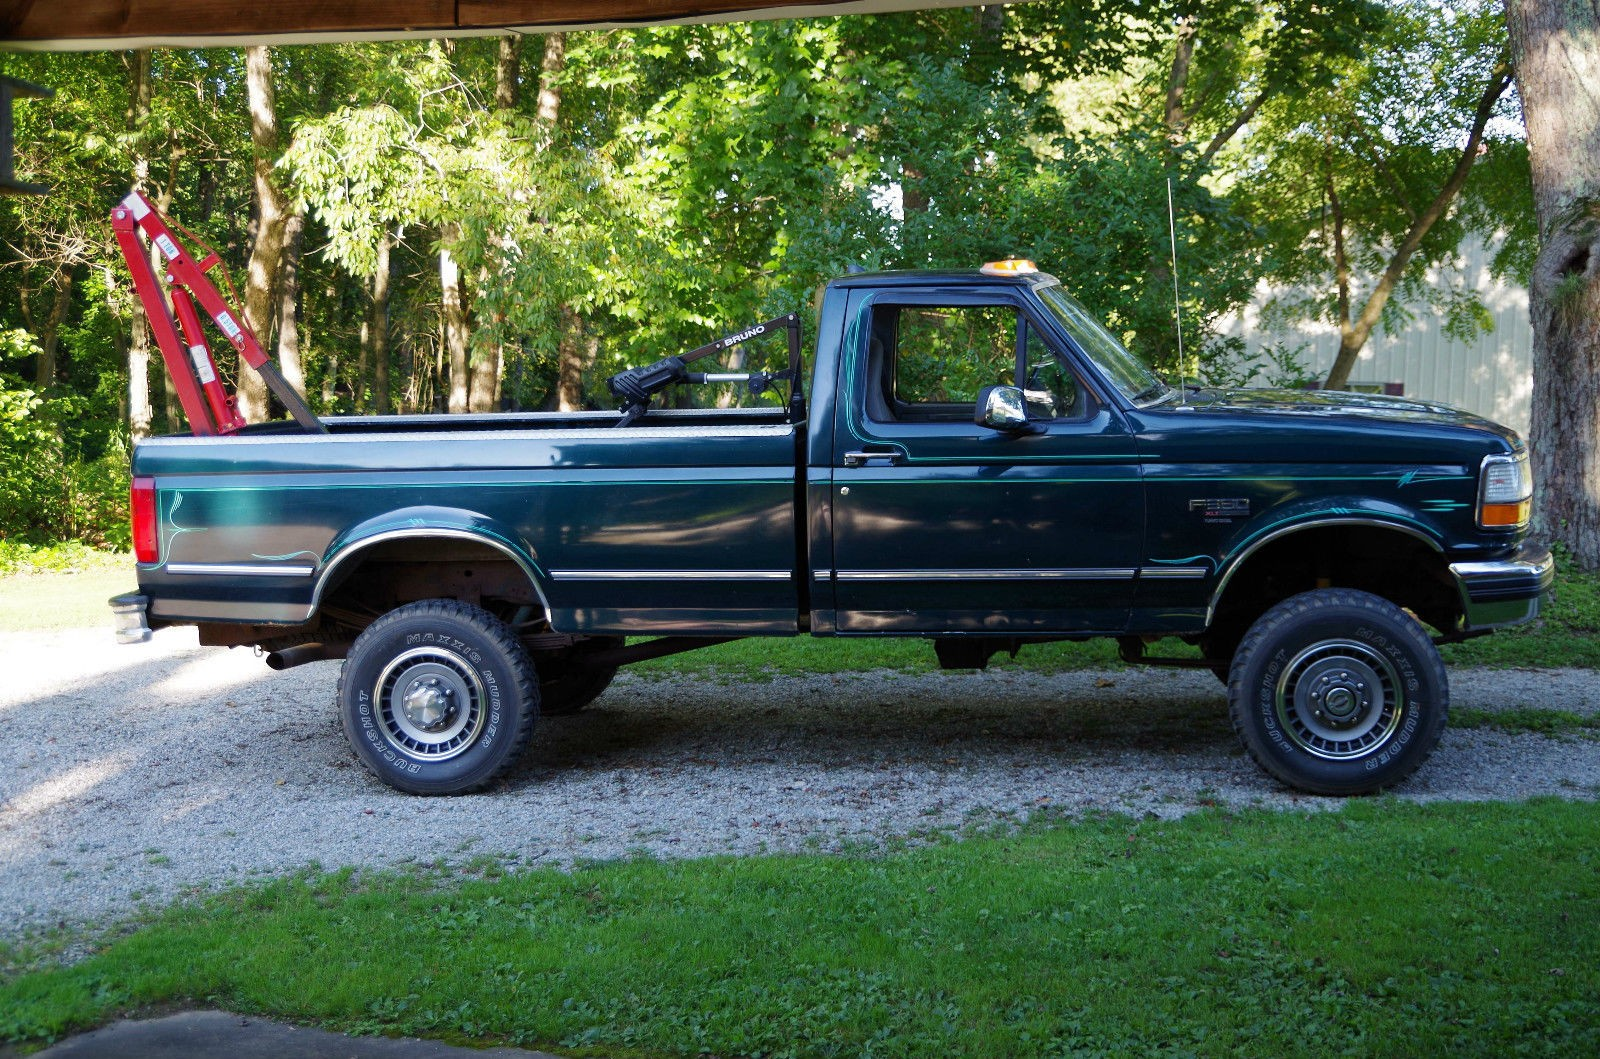 1994 ford f 350 xlt 73 liter turbo sel pickup truck 1 JPG